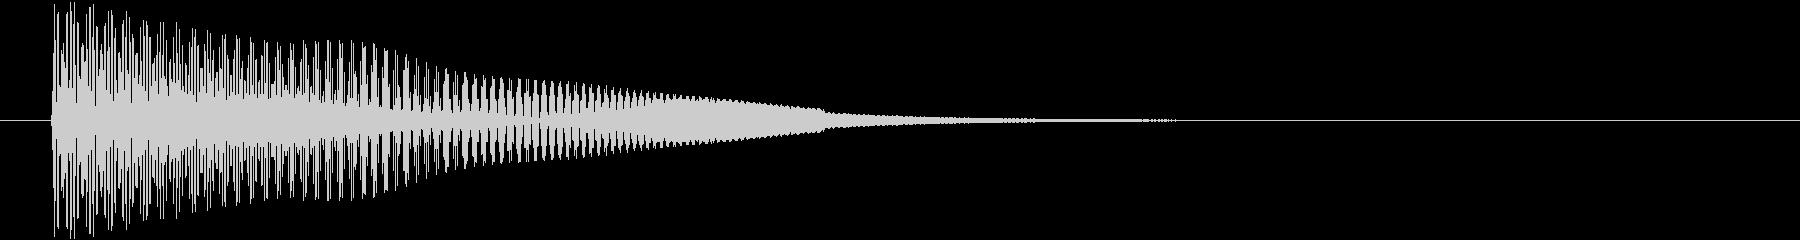 ピョオーン ジャンプなど上昇音の未再生の波形